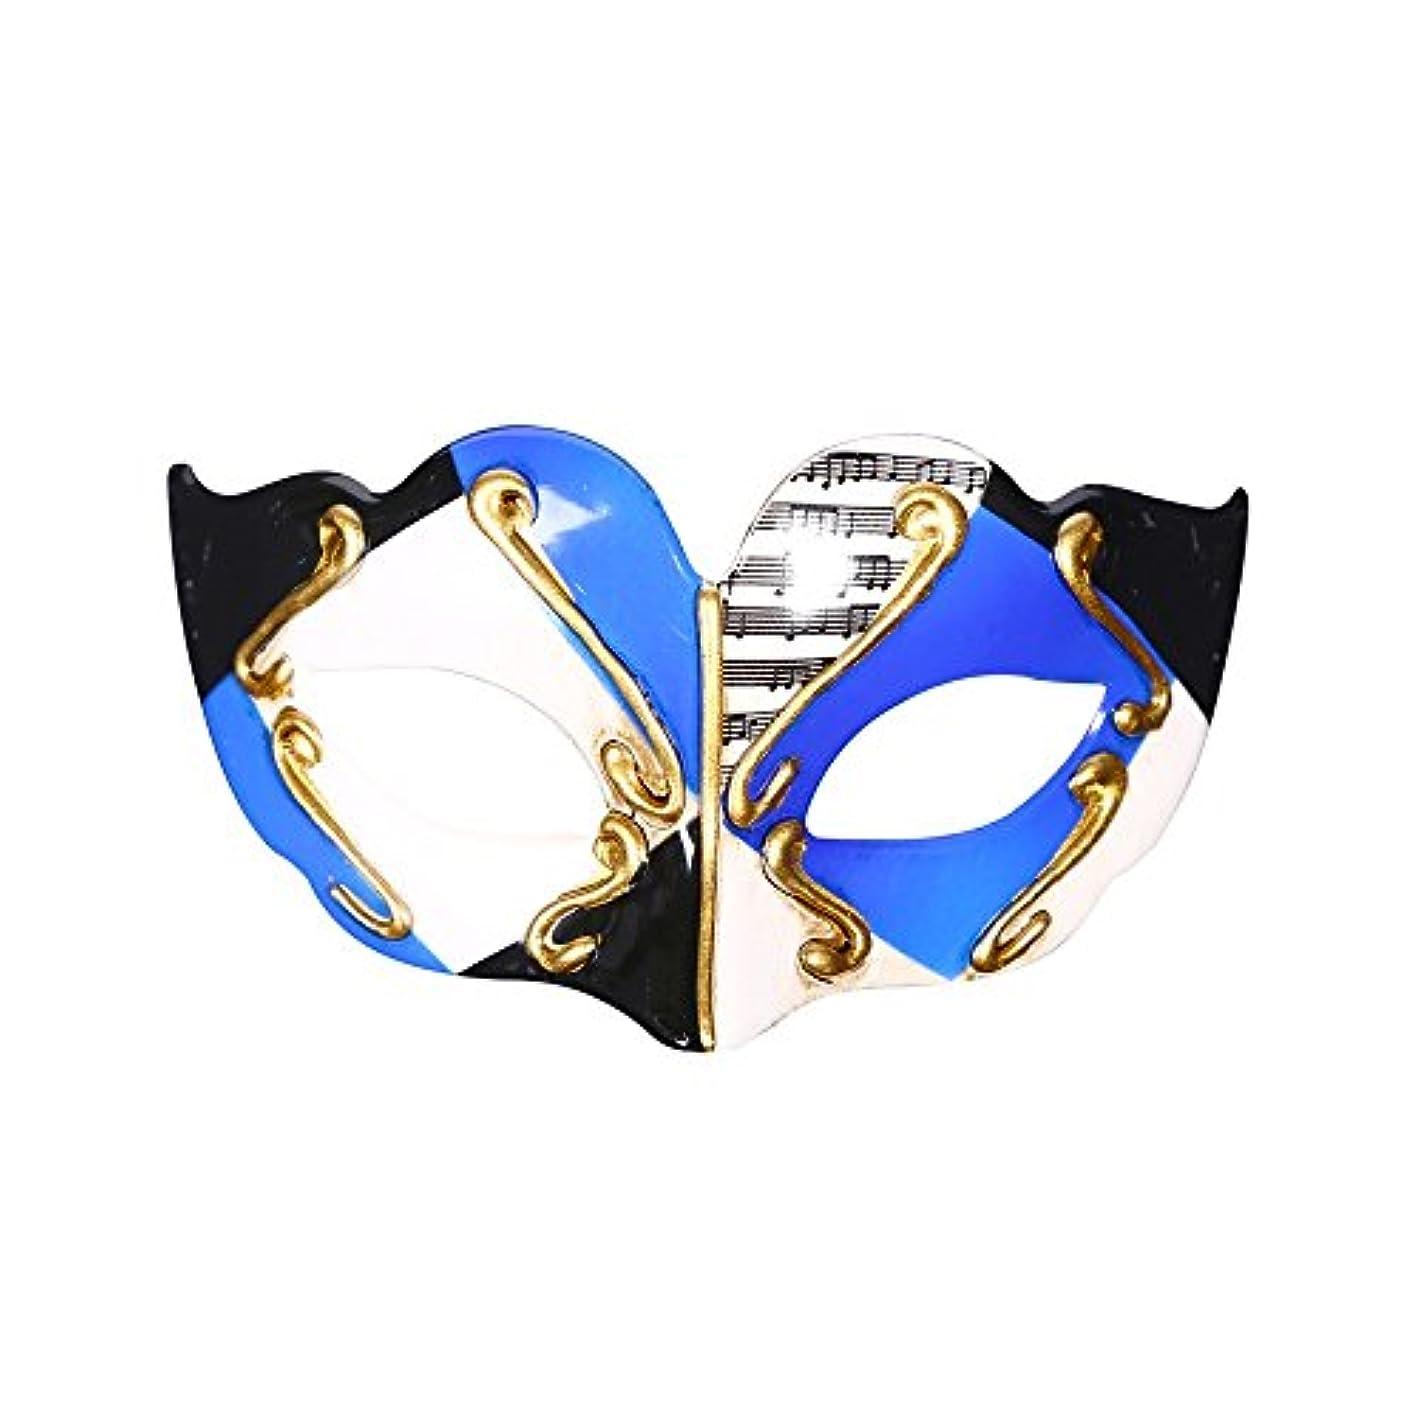 拒絶する丘ドラゴンハロウィーン仮装マスクフラットヘッドハーフフェイスハードプラスチック子供用マスク (Color : #3)